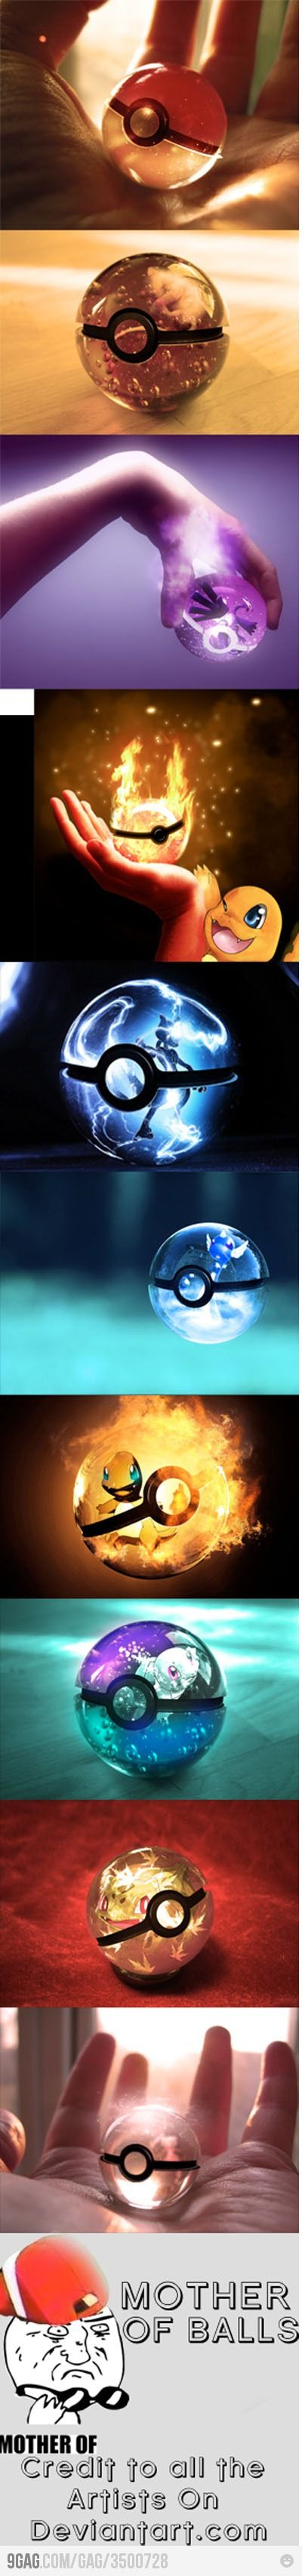 best pokemon images on pinterest pokemon stuff pokemon comics